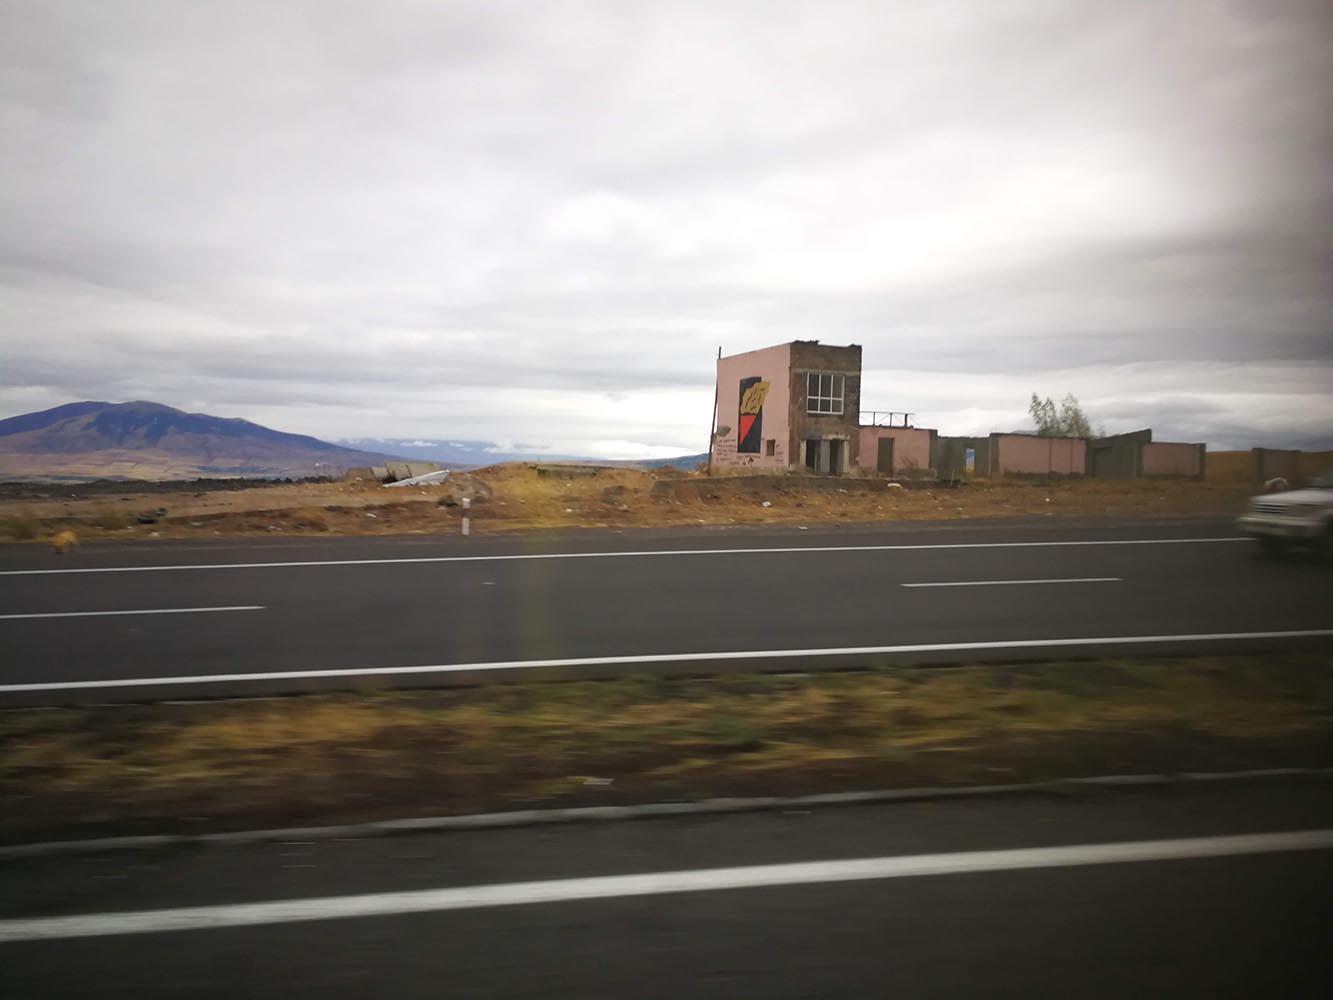 yerevan capitale